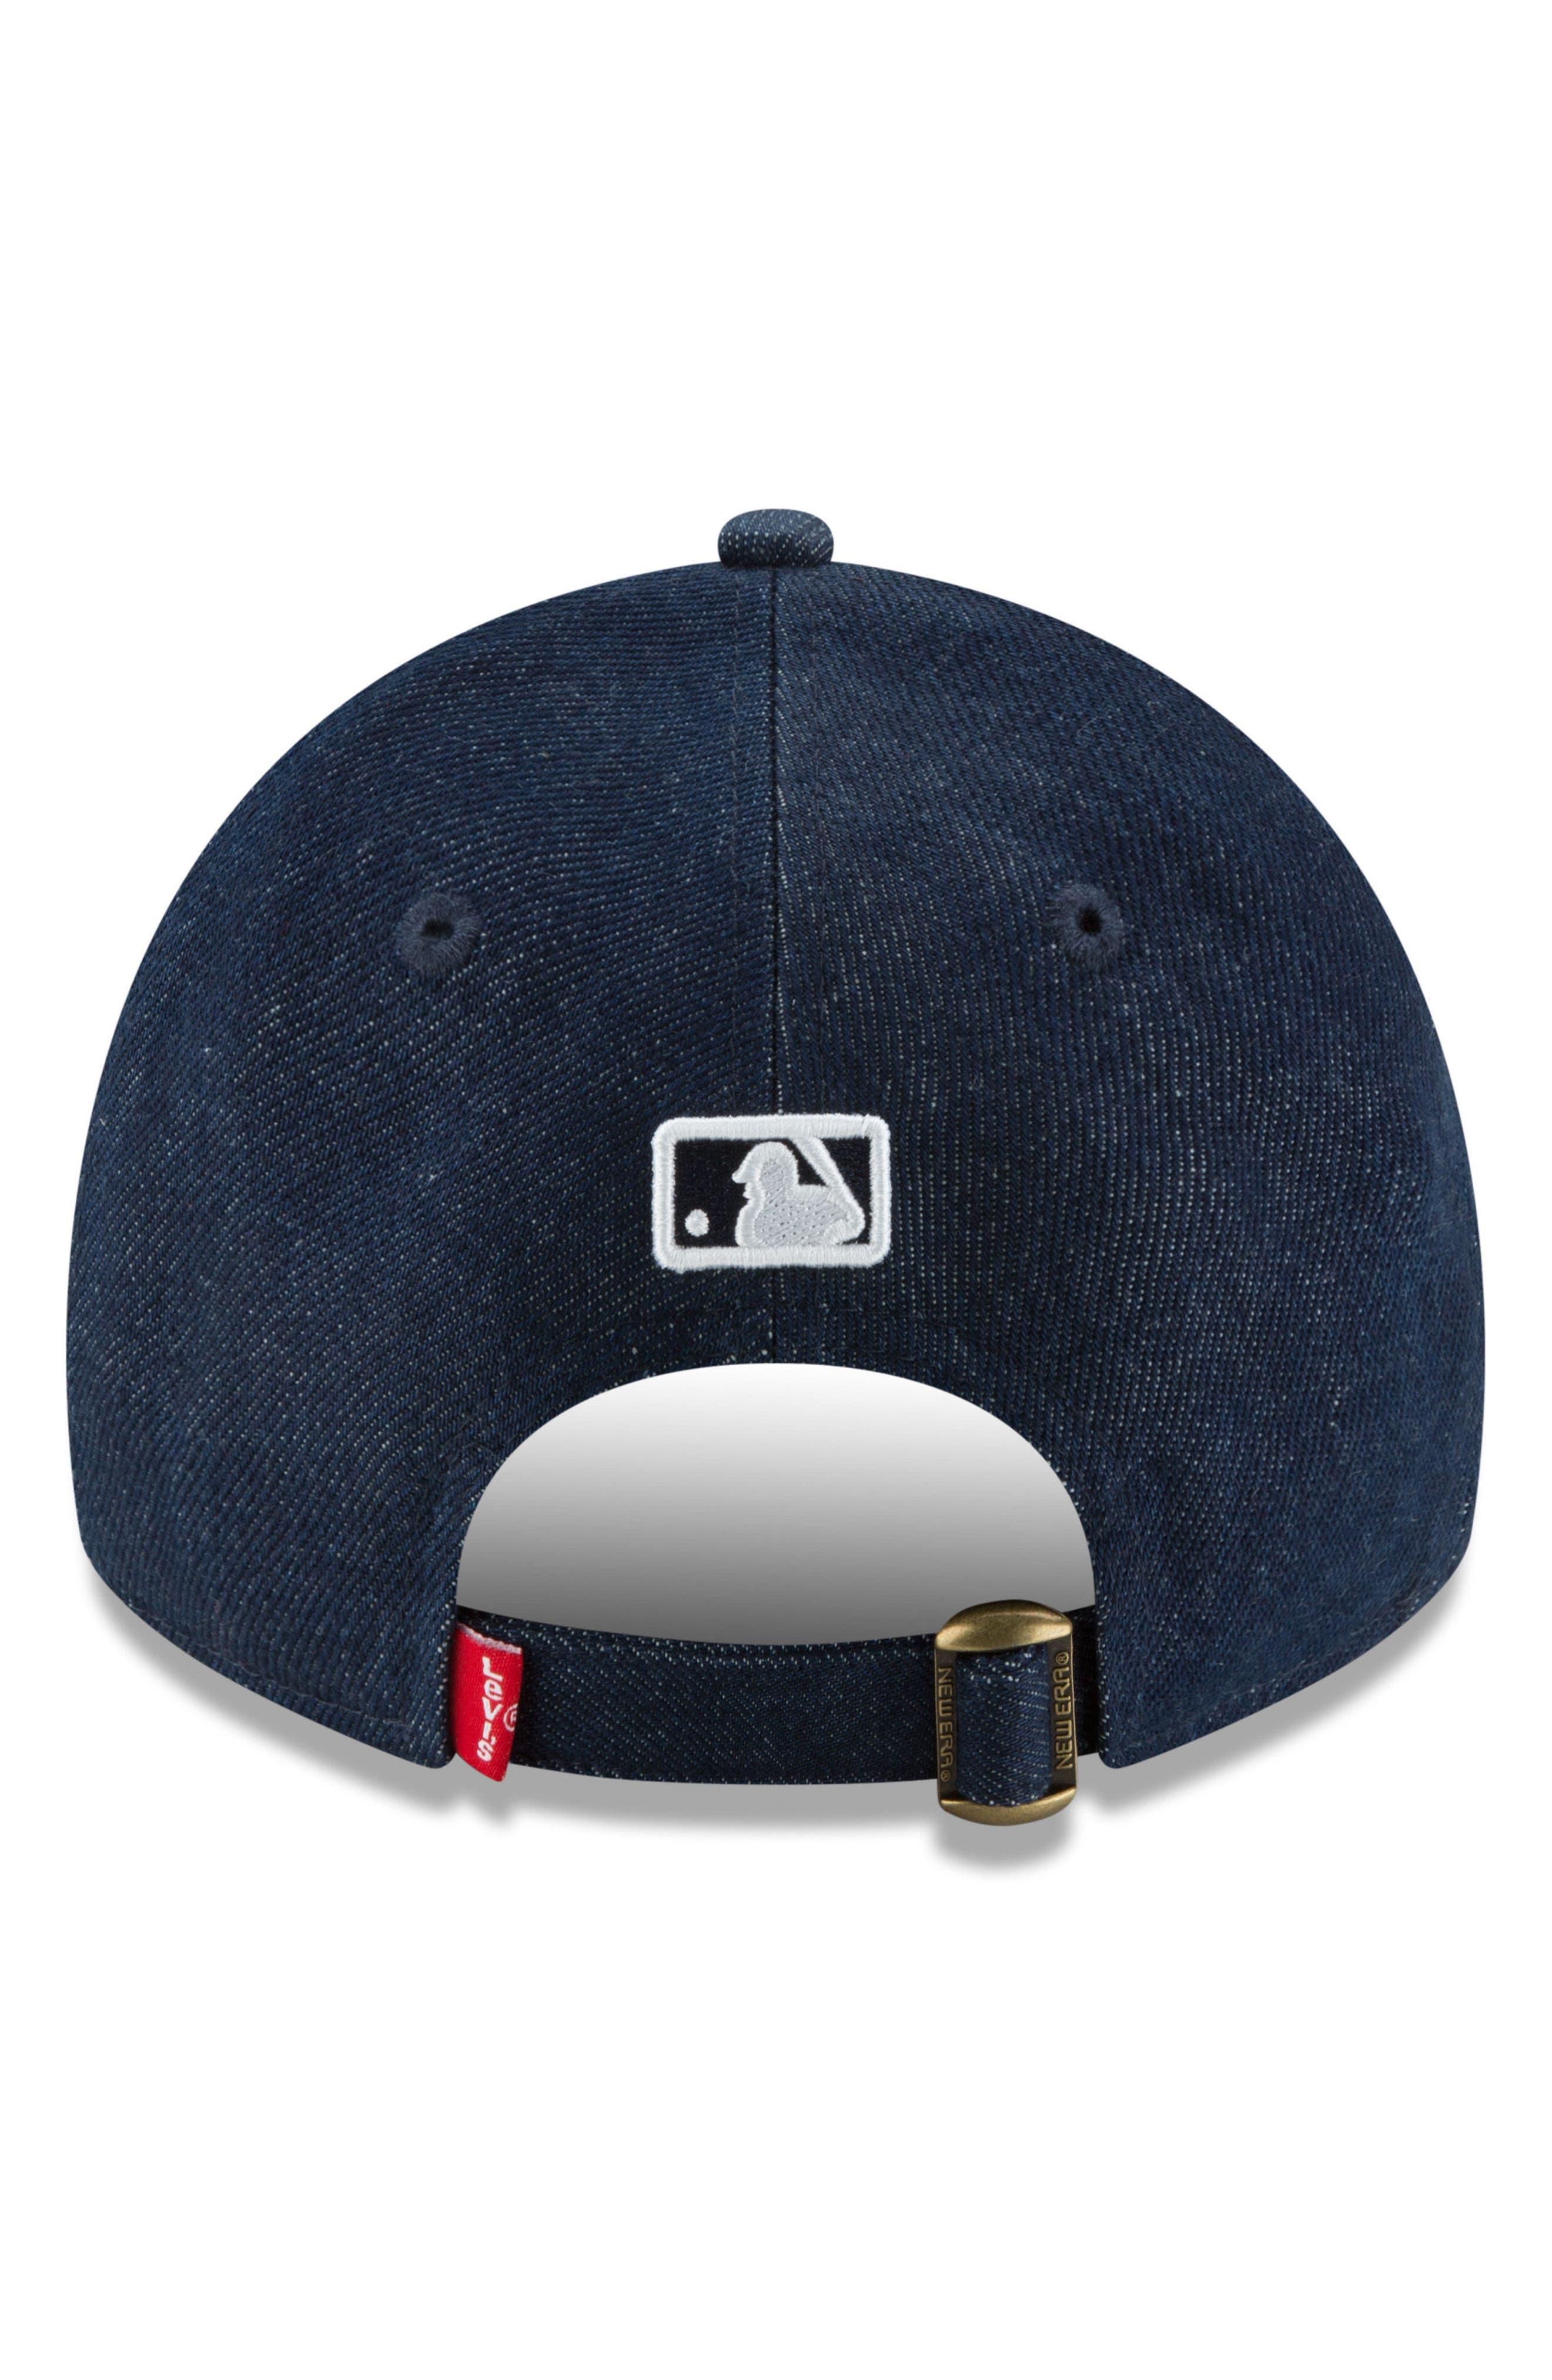 x Levi's<sup>®</sup> MLB Micro Batterman Baseball Cap,                             Alternate thumbnail 3, color,                             Black